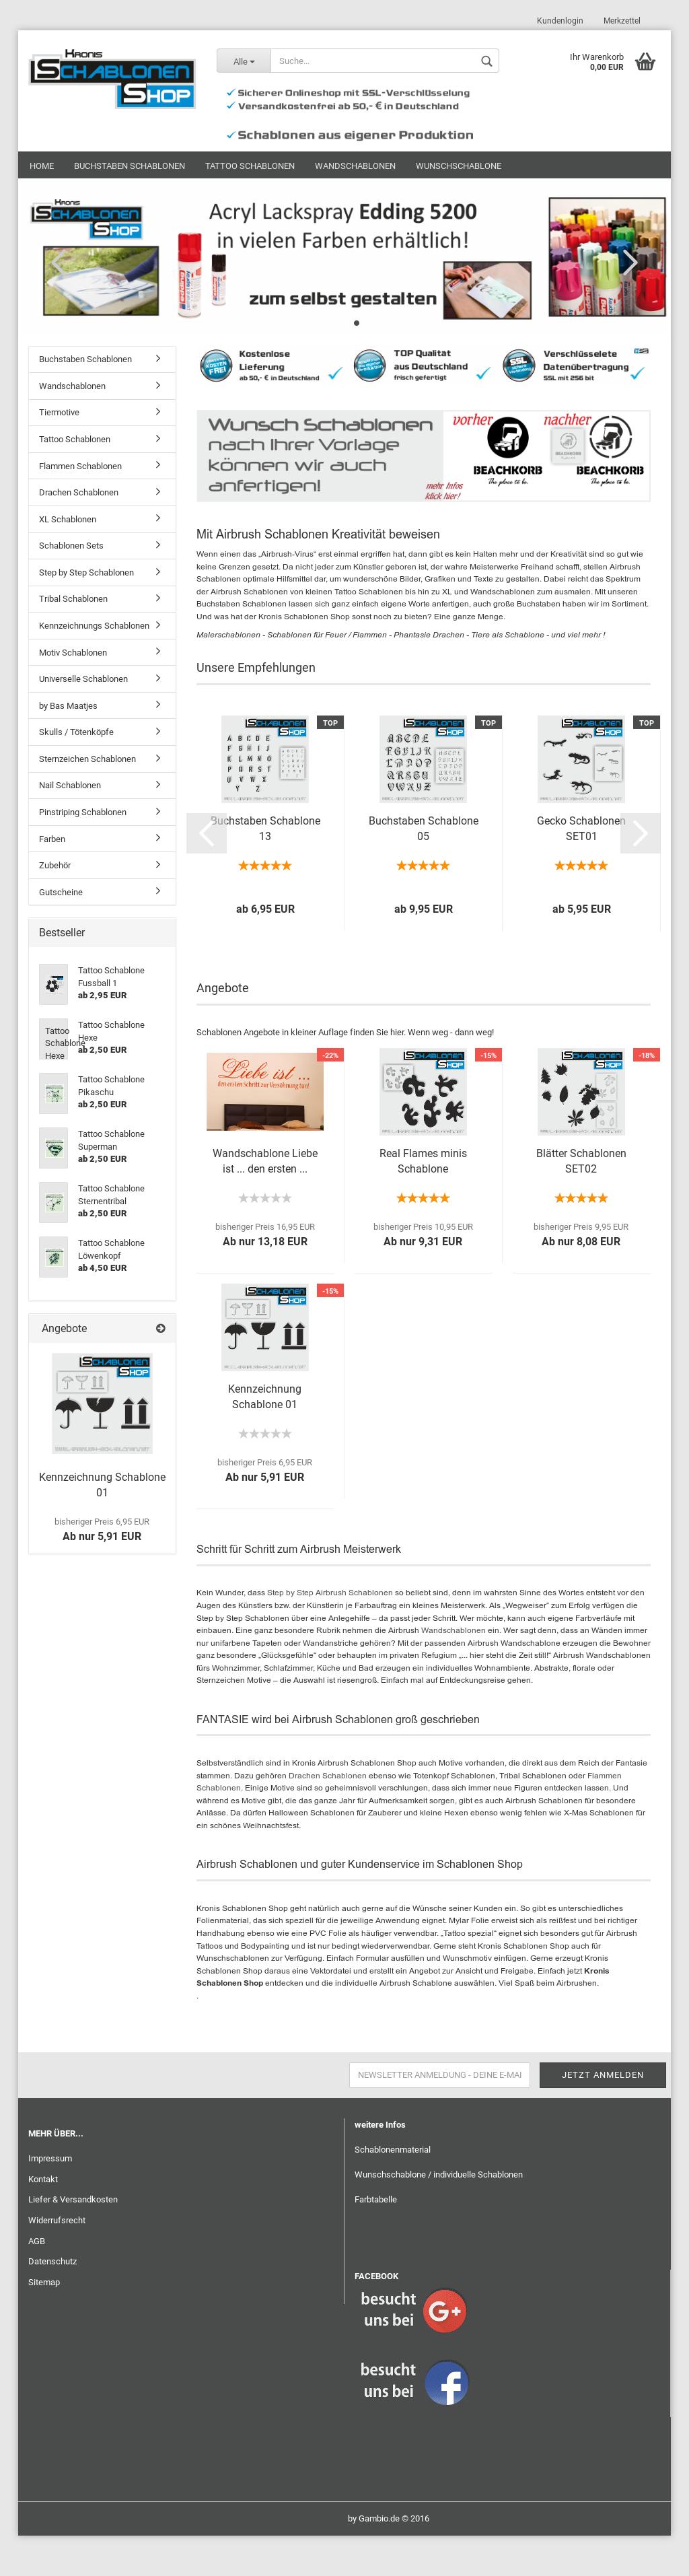 Schön Websiteschablonen Fotos - Entry Level Resume Vorlagen Sammlung ...